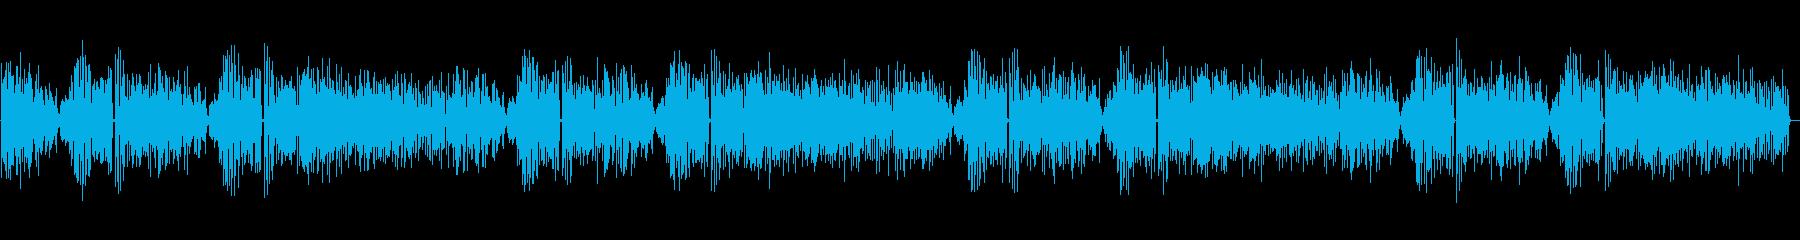 古いフィルム映画やラジオ風のラグタイム1の再生済みの波形